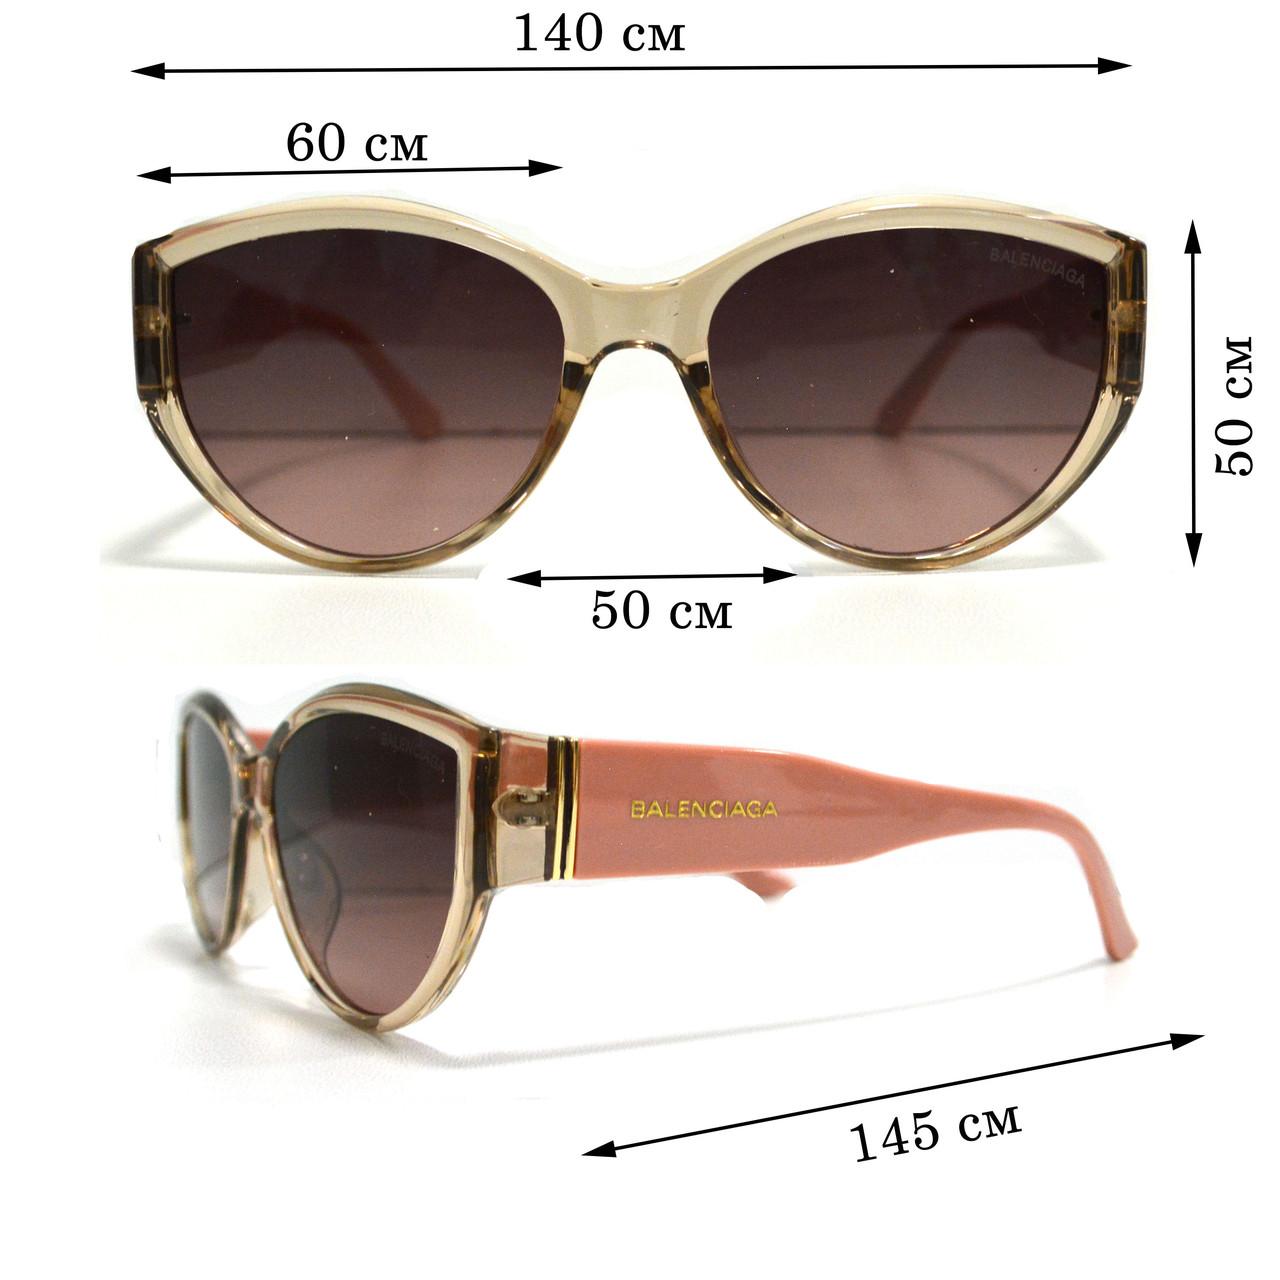 Солнцезащитные очки с коричневыми стеклами с широкой розовой дужкой Balenciaga 2125 - фото 2